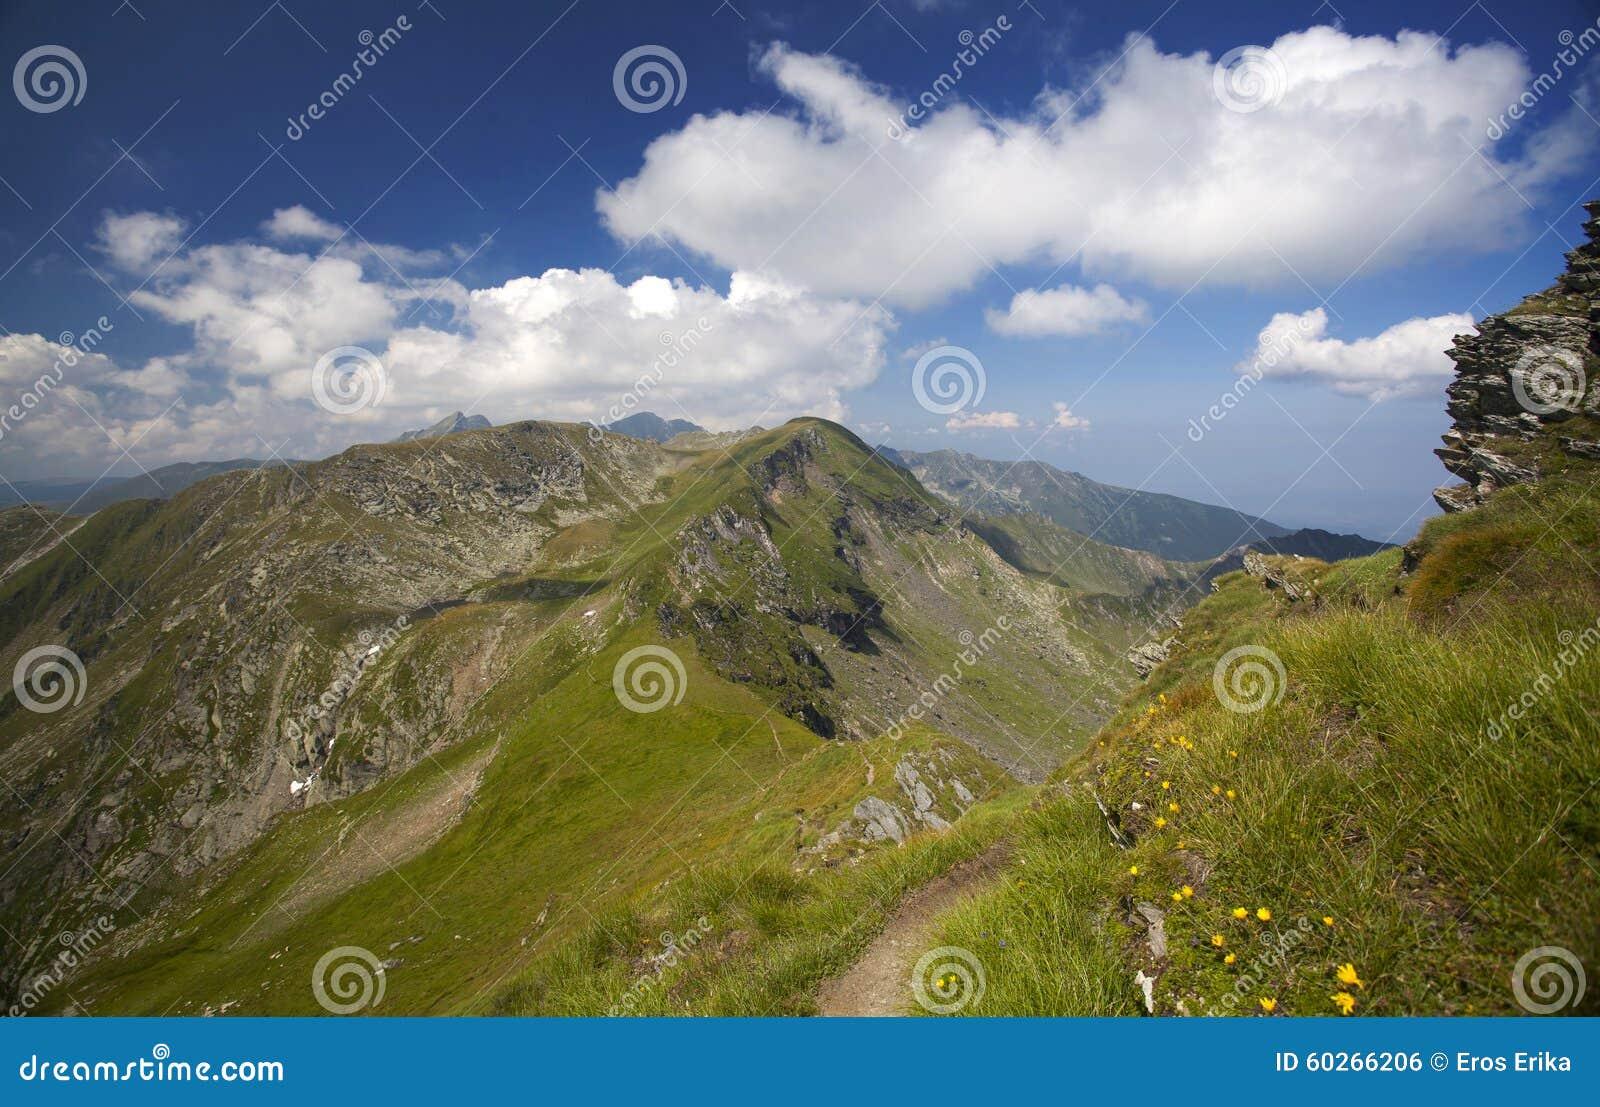 Paysage des montagnes de Fagaras en Roumanie